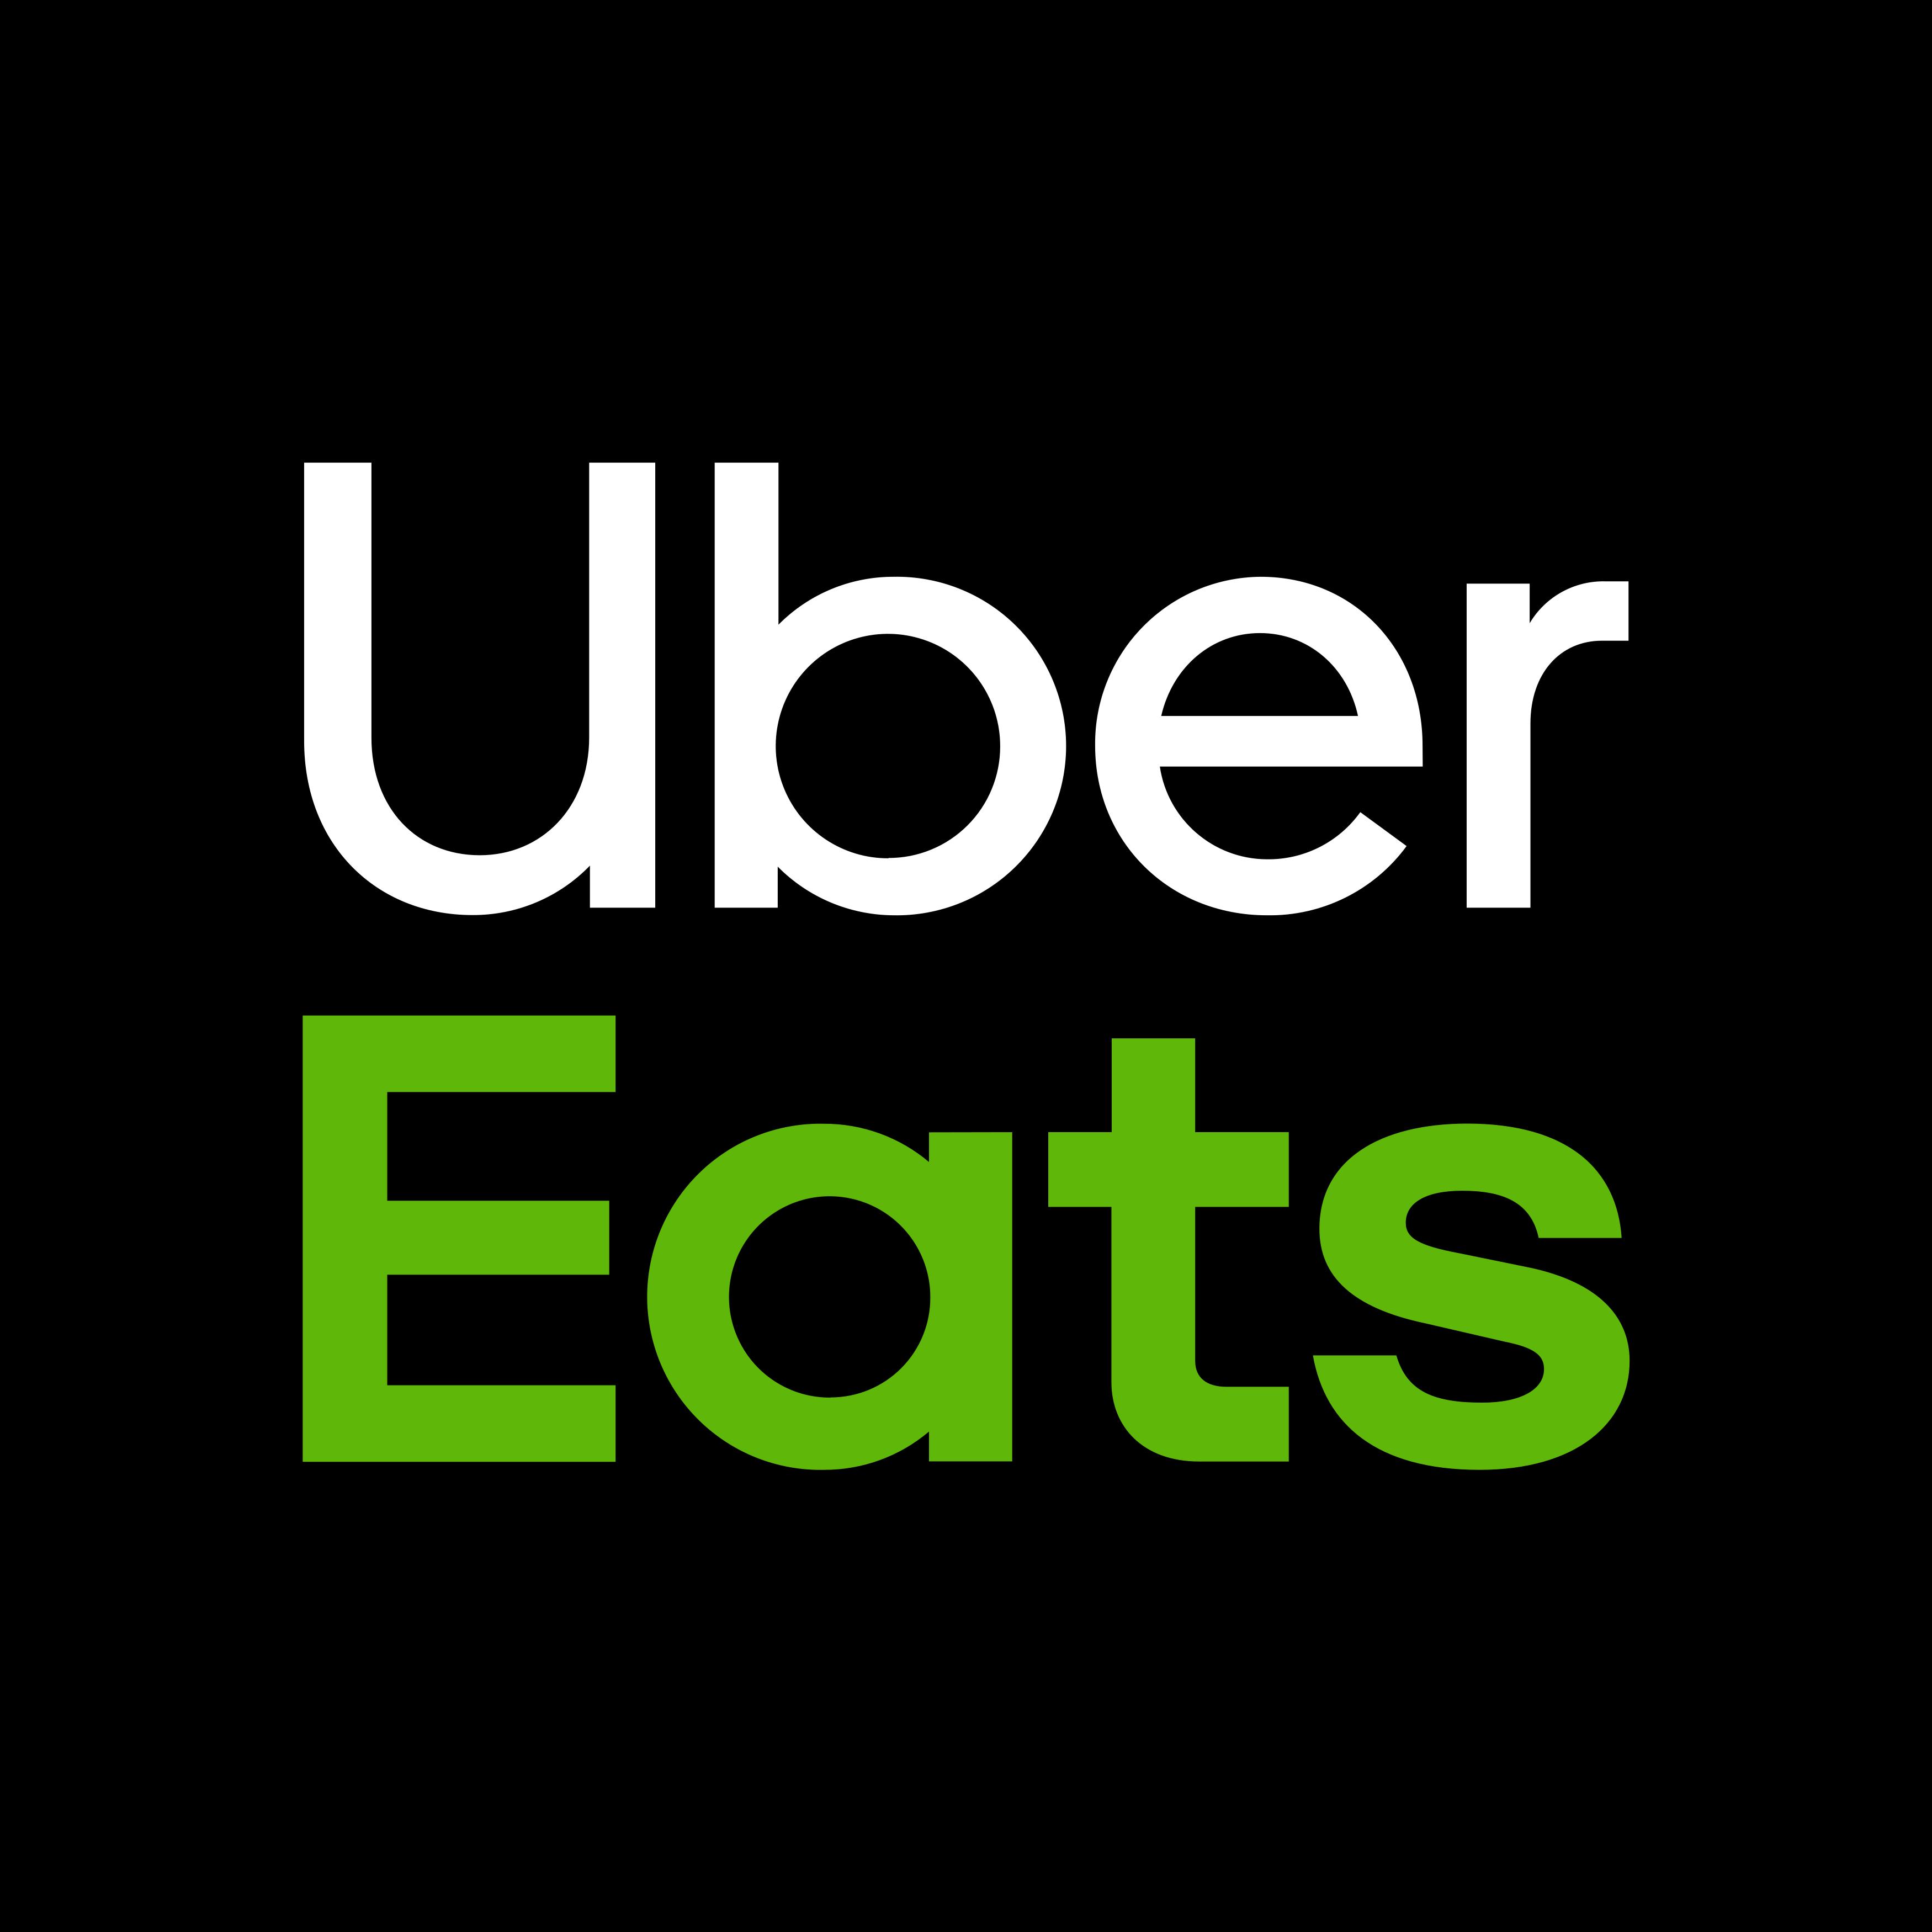 50% Descuento en Uber Eats (Caduca a las 19:00h de hoy!!)